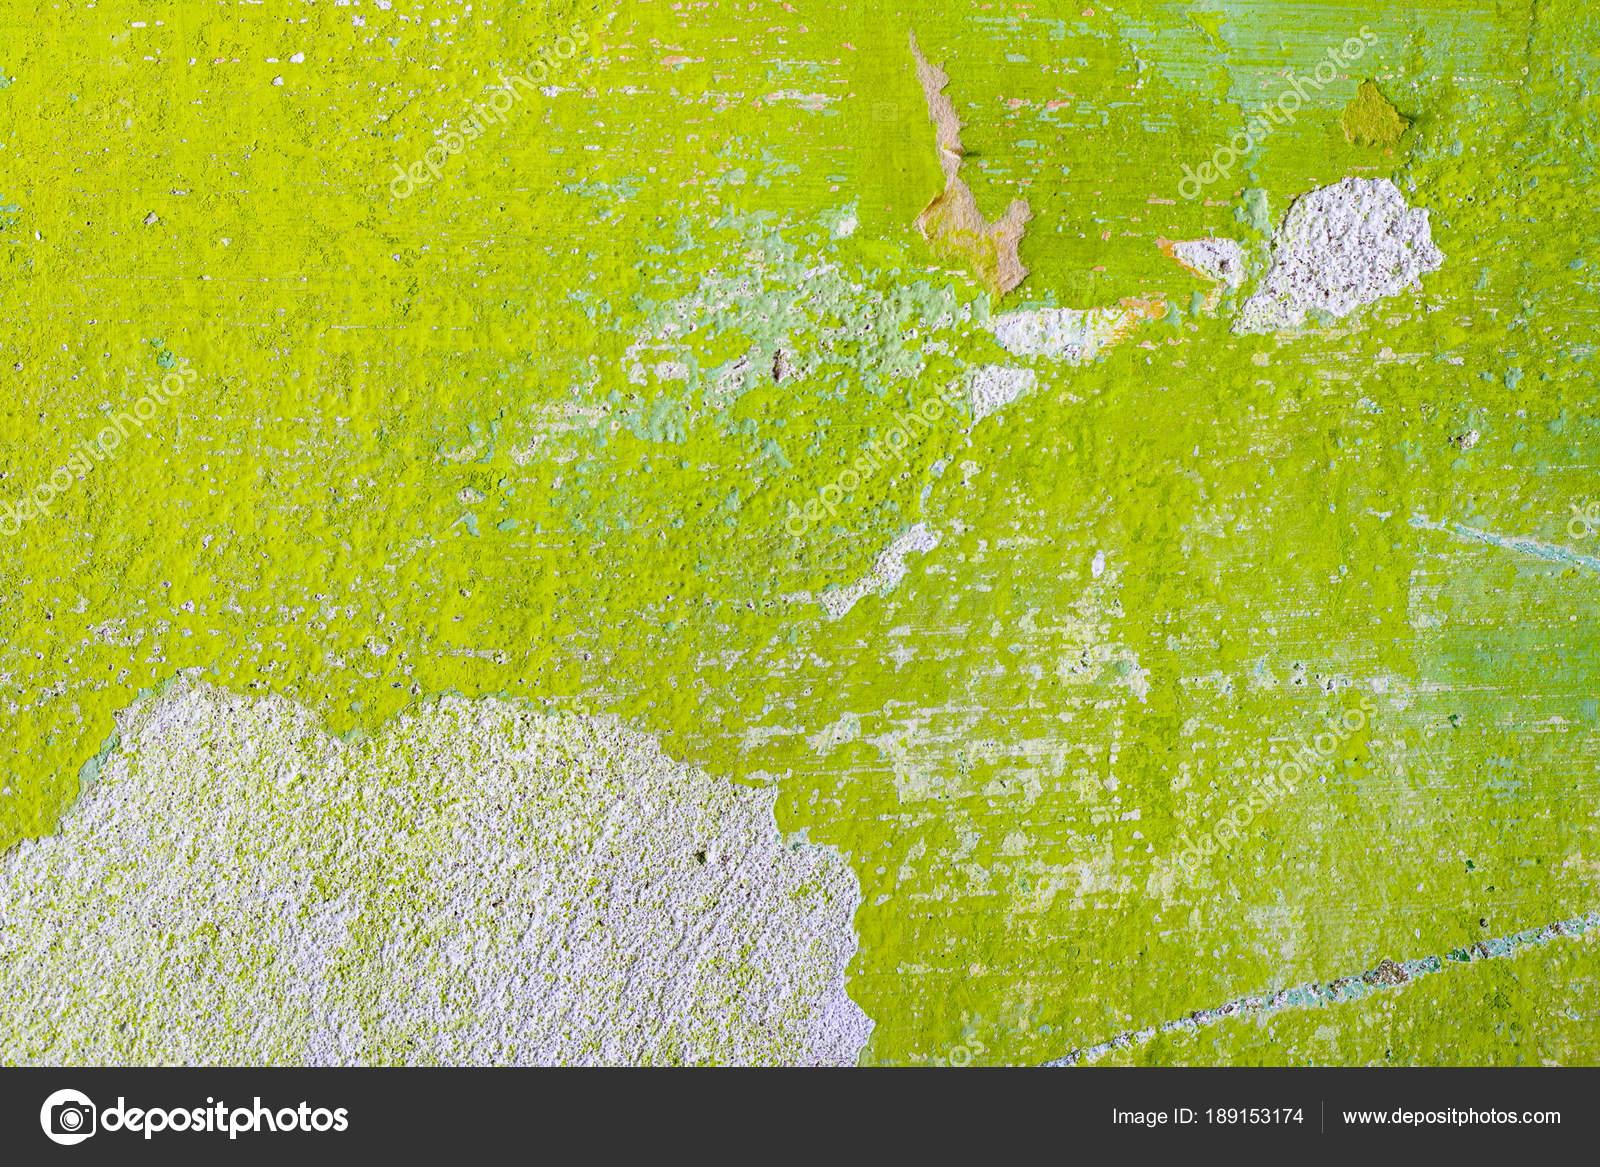 Grüne Reparatur Wand Hintergrund Mit Kratz  Und Blatt Papier. Grobe  Hausarbeit Tapete Design Hintergrund. Farbe Raum Innendekoration Textur  Vorlage U2014 Foto ...